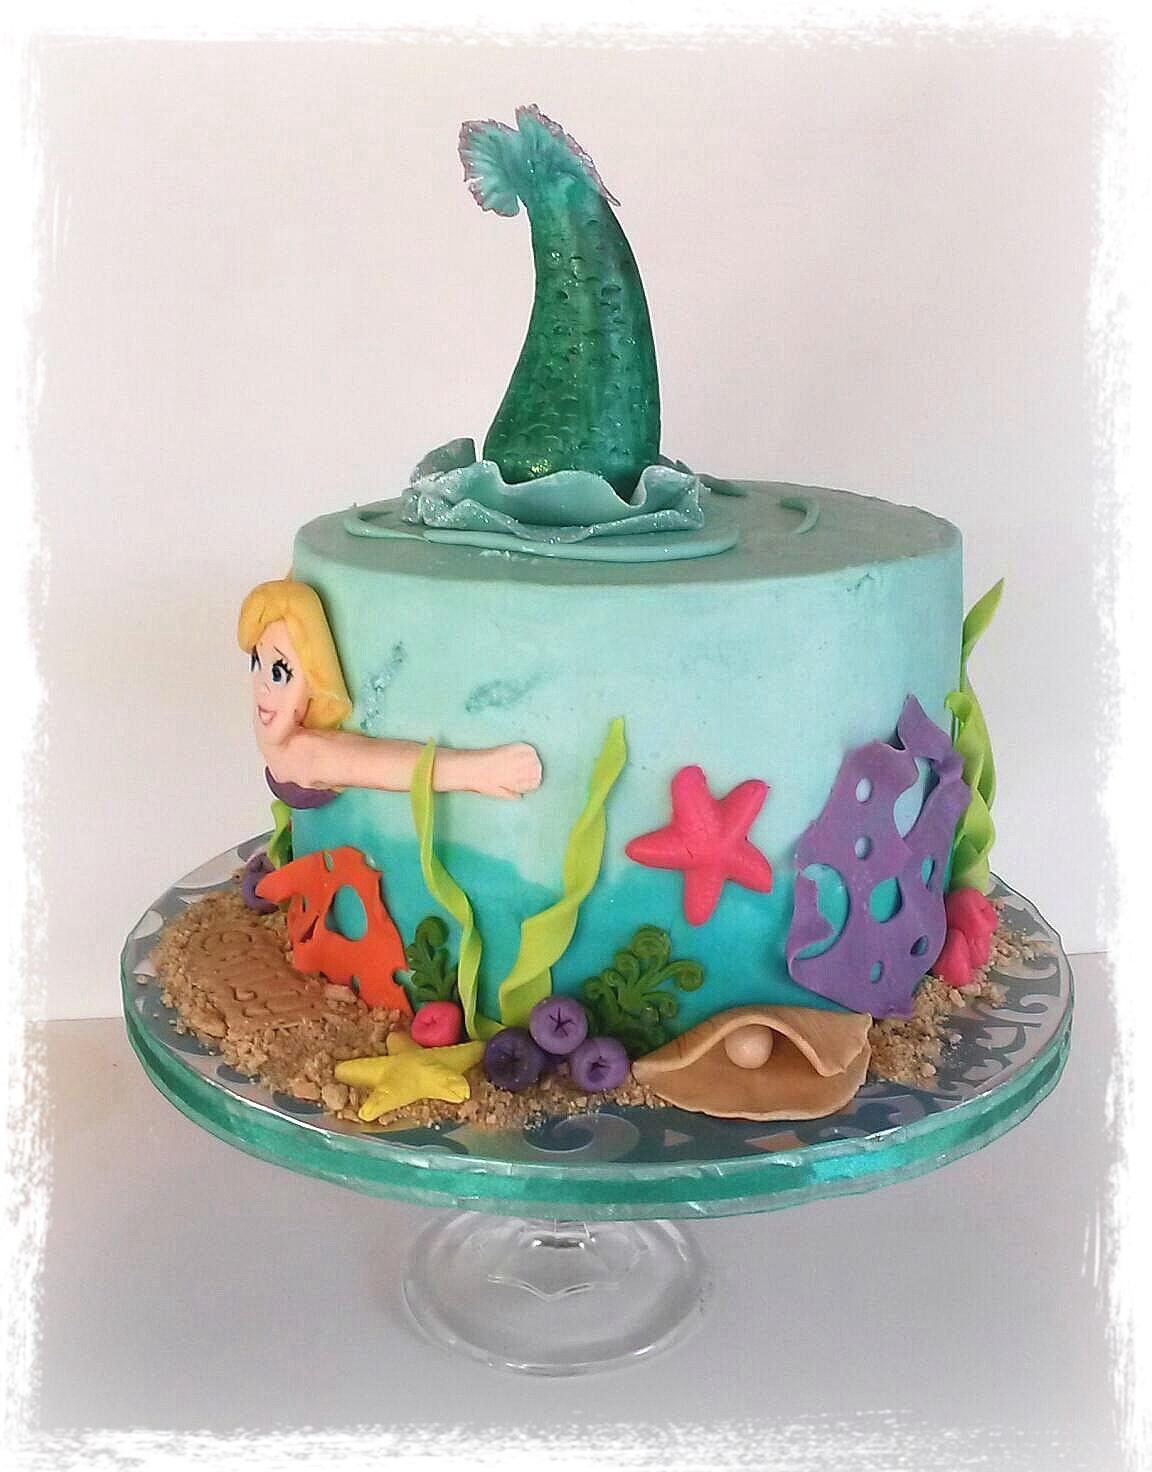 Cake Decorating Magazine Subscription Jungle Cake The